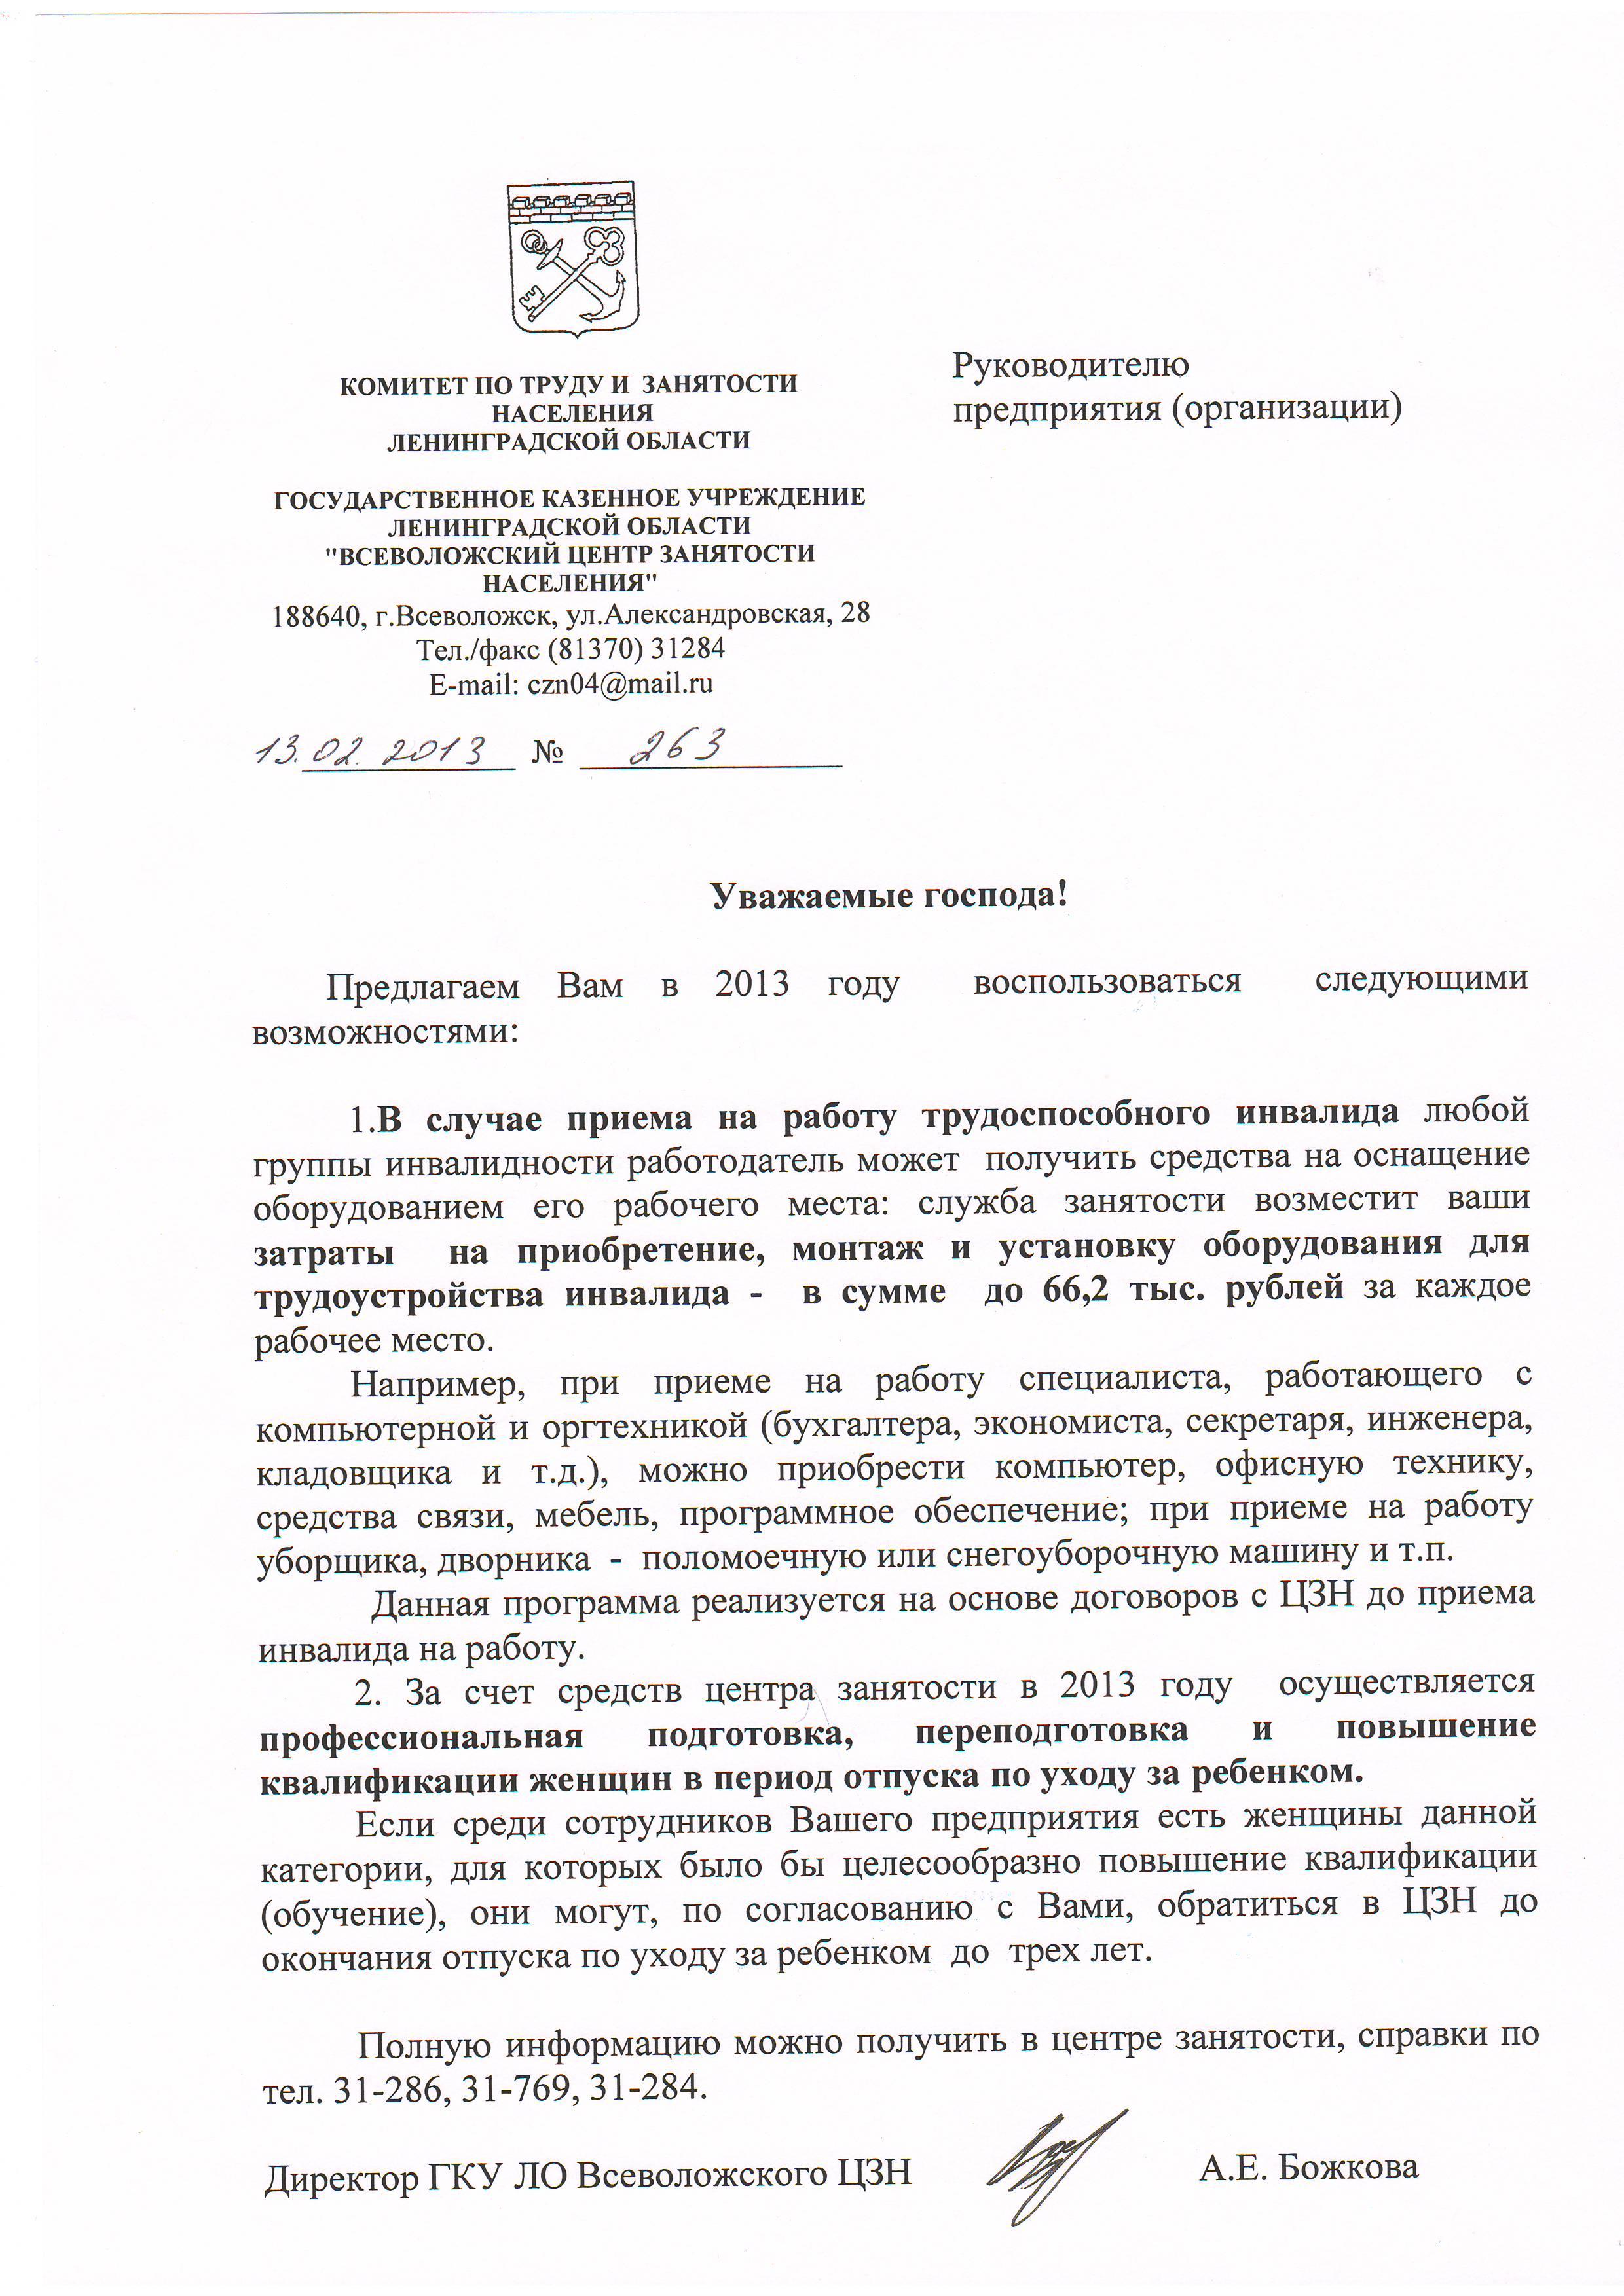 Договор с центром занятости на оборудование рабочего места Эристона